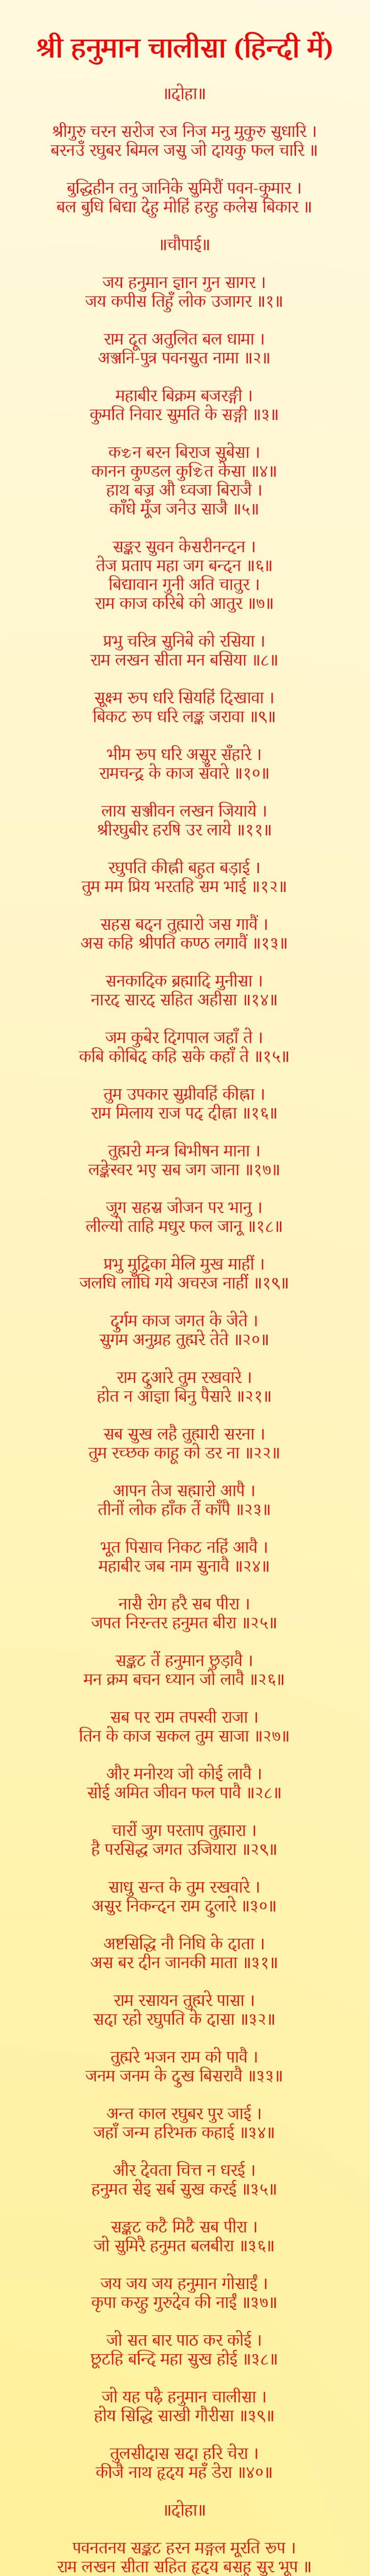 Hanuman Chalisa hindi images